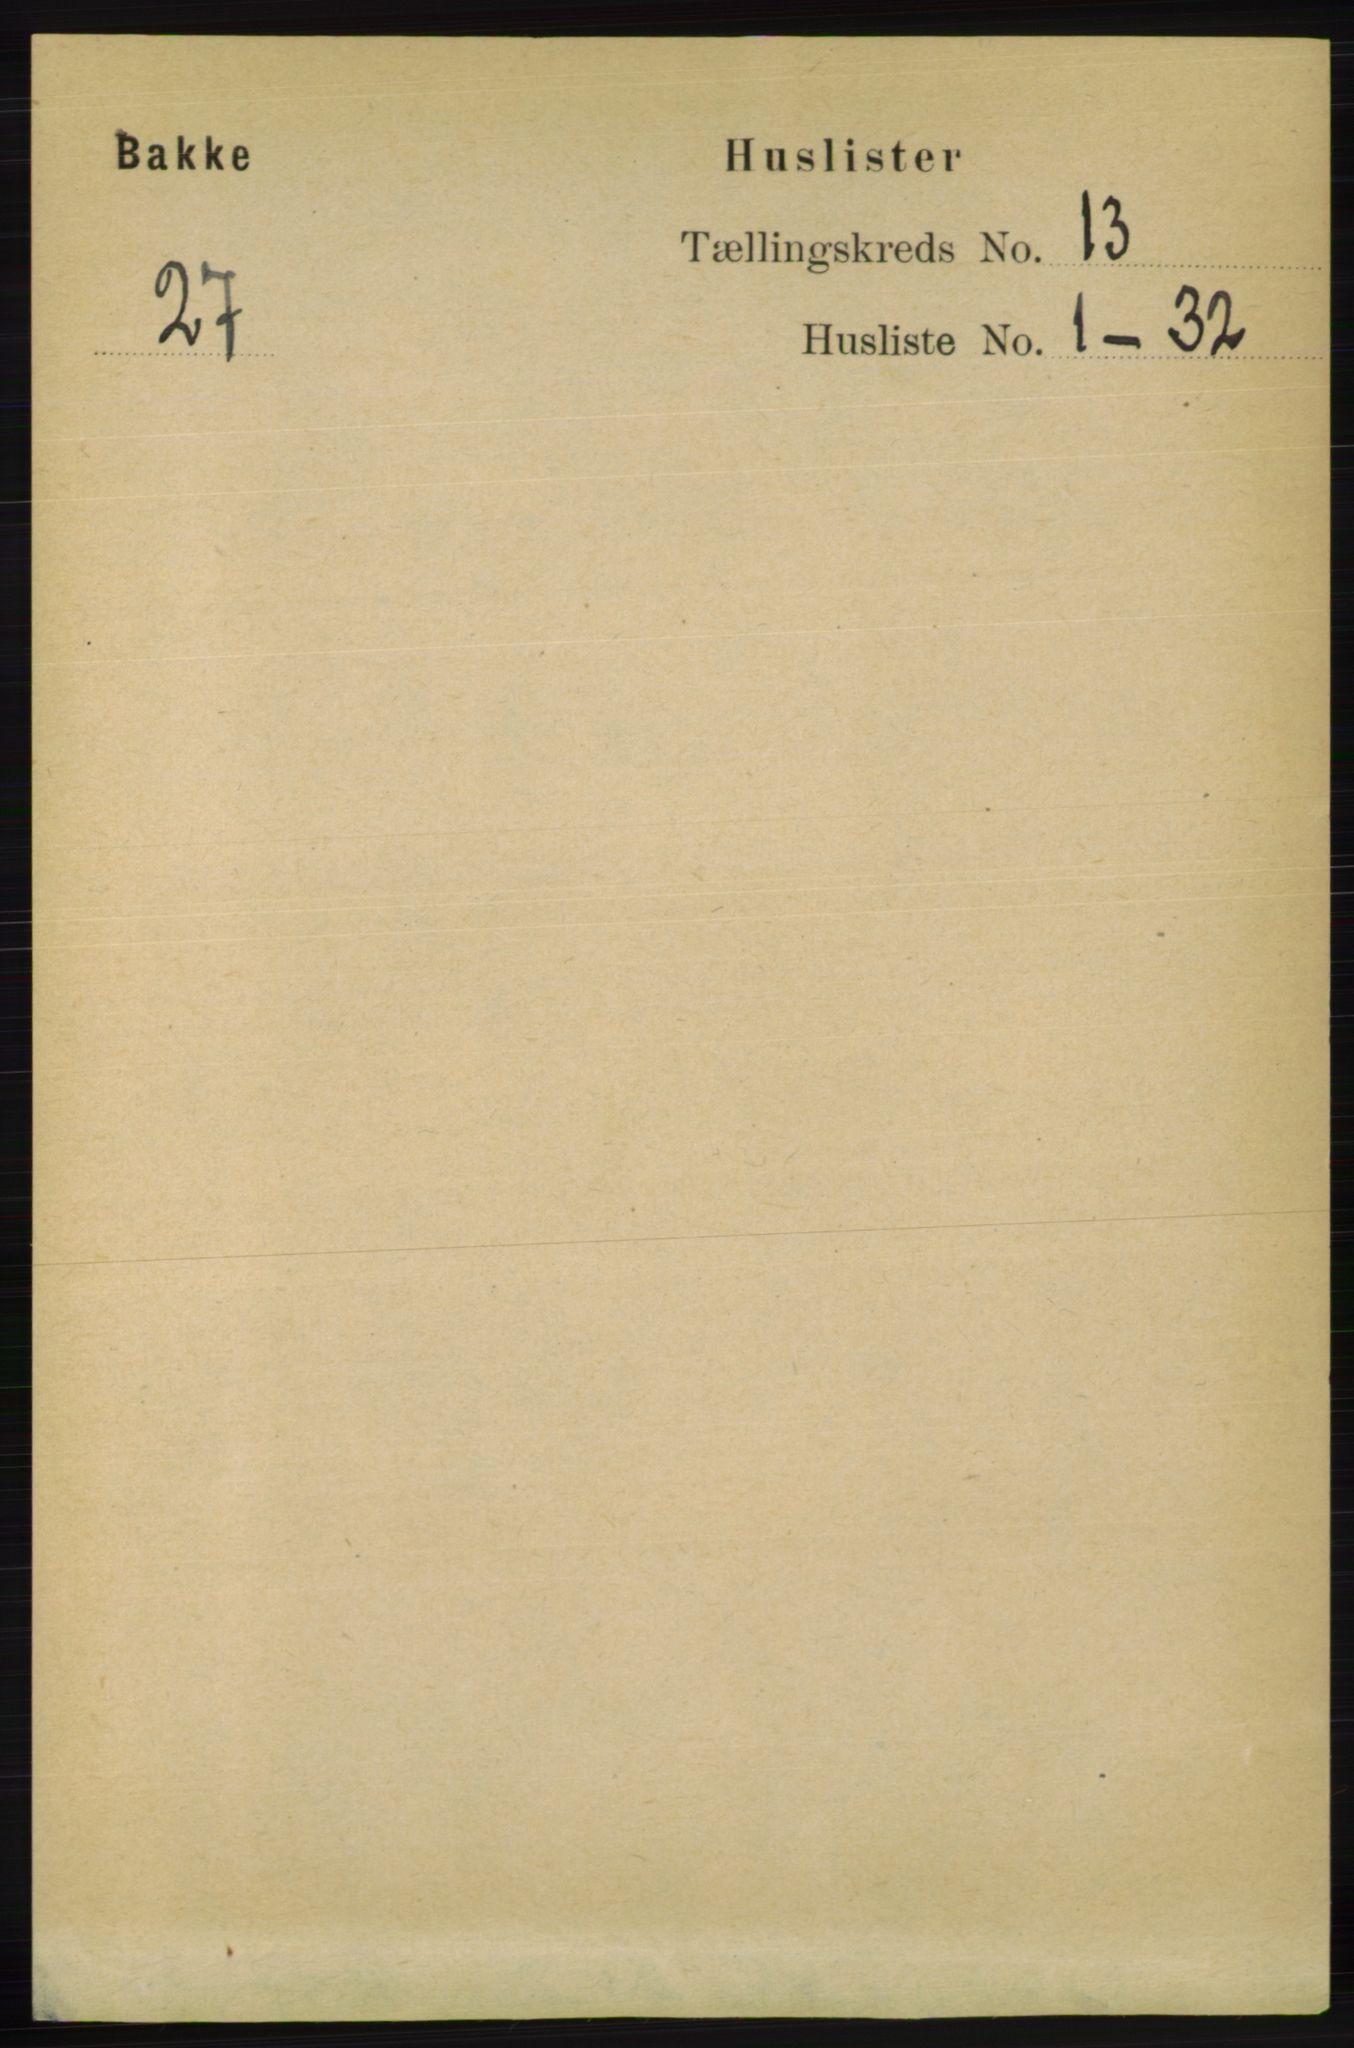 RA, Folketelling 1891 for 1045 Bakke herred, 1891, s. 2668